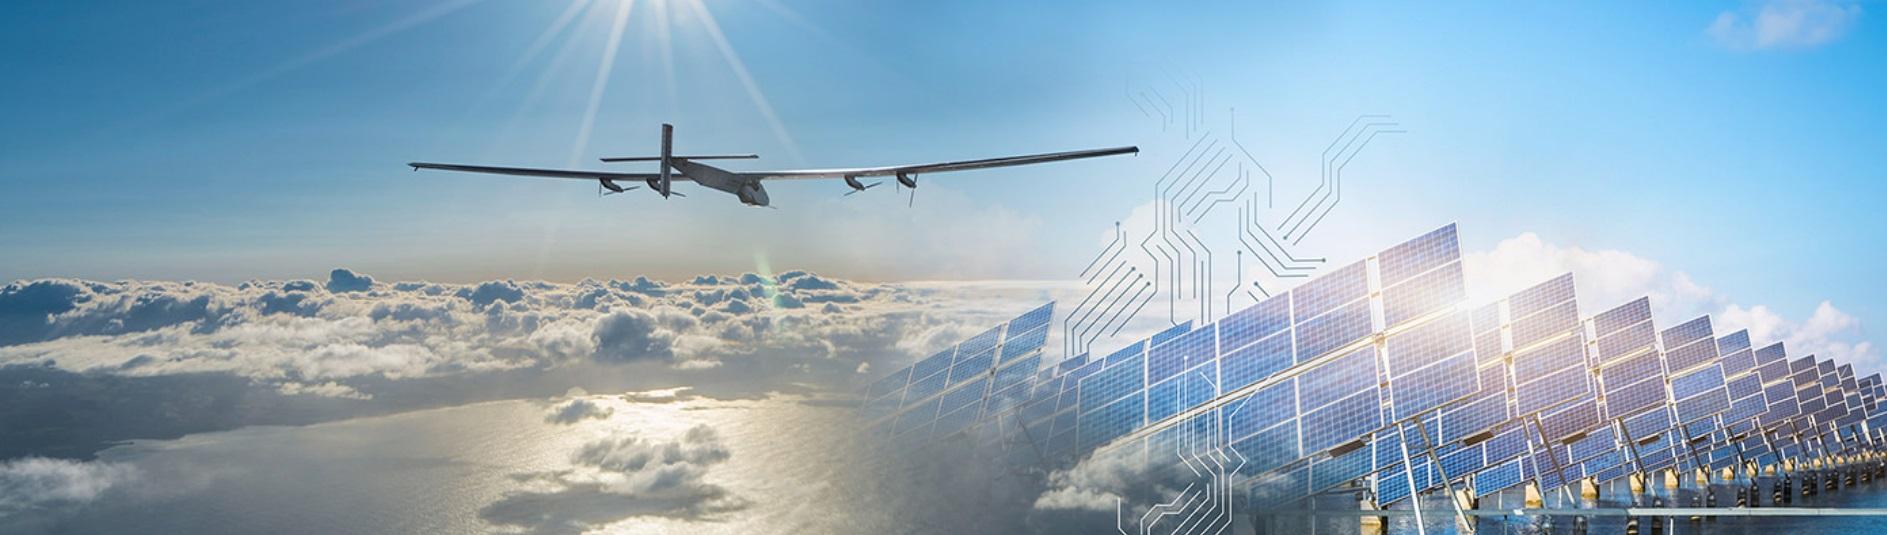 Кадис cadis femap проектирование управление данными siemens plm геометрия автоматизация Solar Impulse прочность